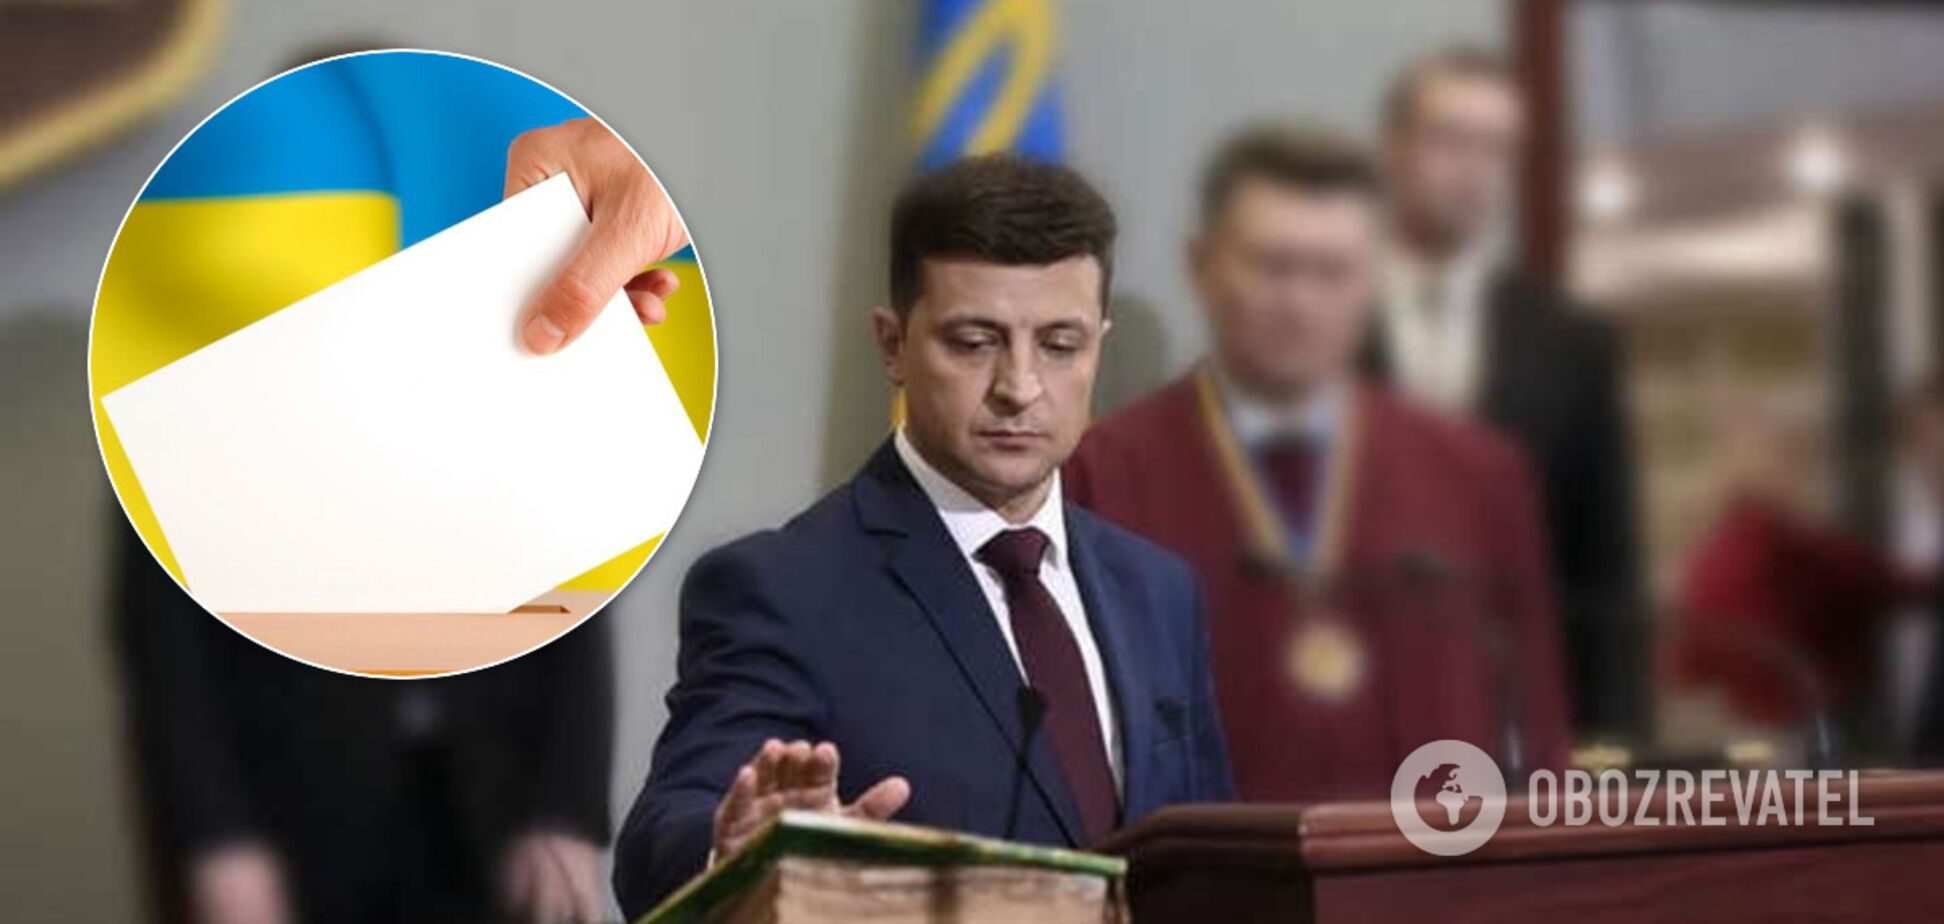 Зеленський ні до чого, українці самі підписали собі вирок. Ексклюзивне інтерв'ю з Портниковим